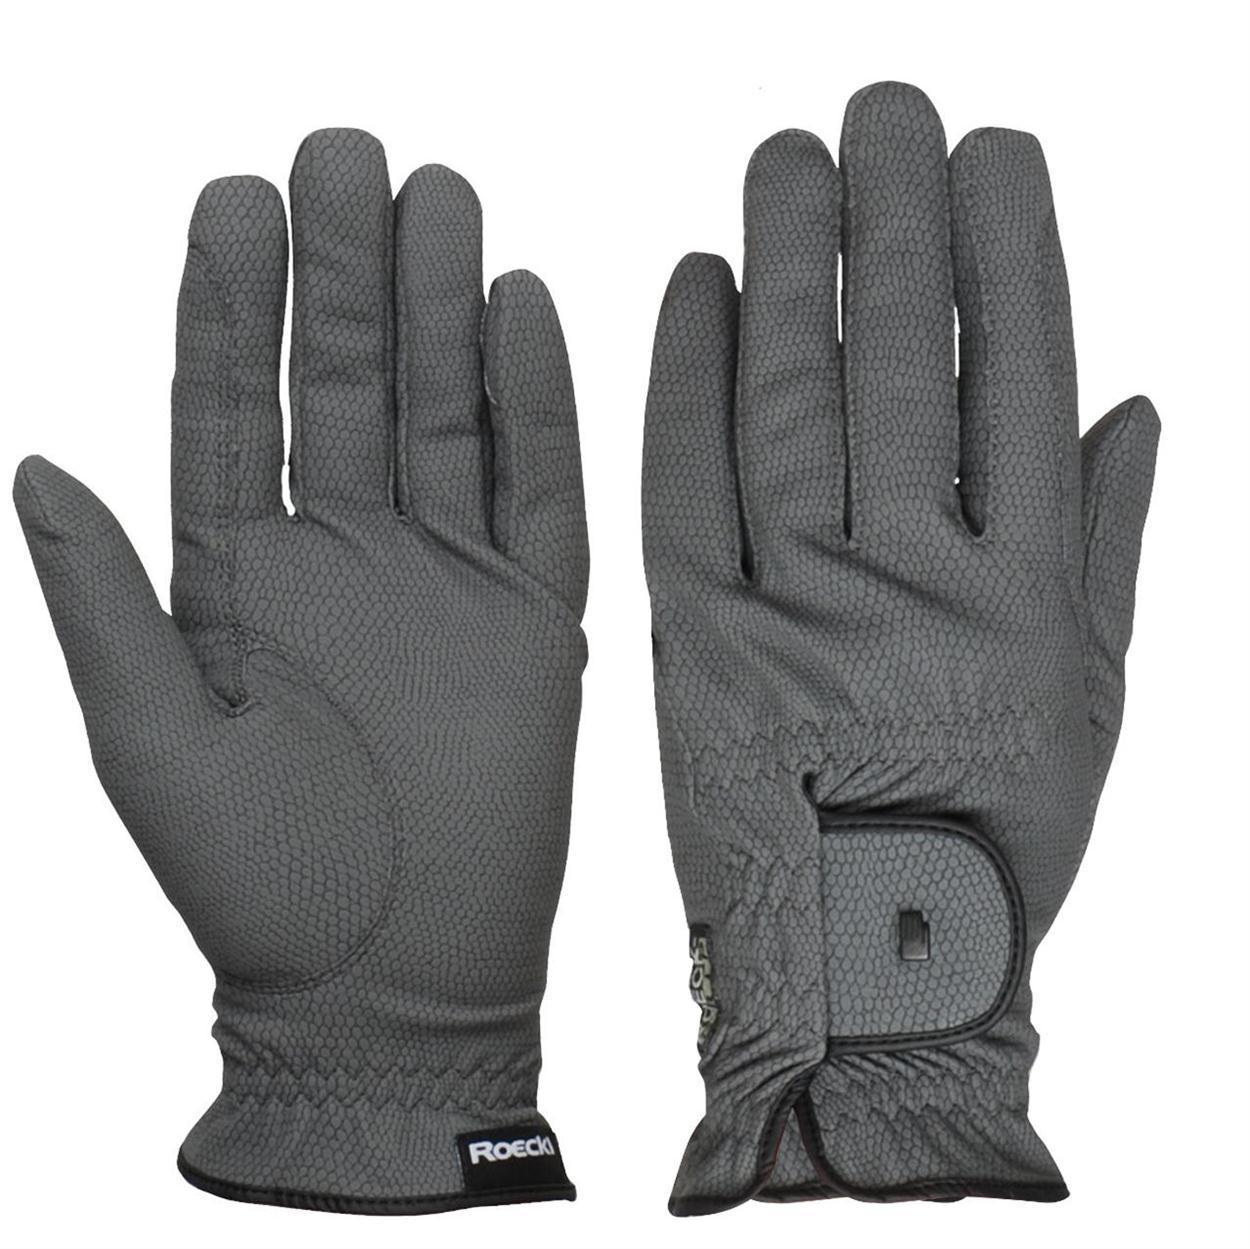 Roeckl Roeck grip Handschoen grijs maat:7,5